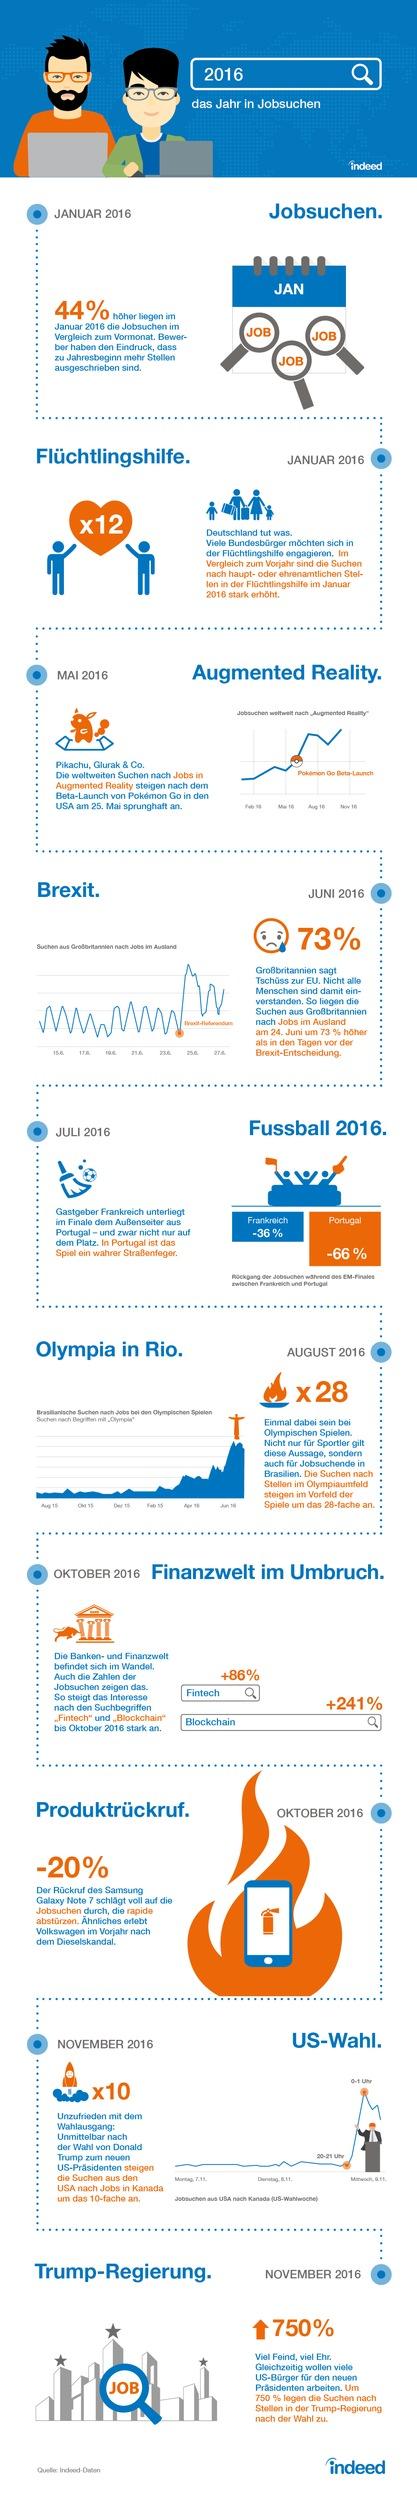 das-jahr-2016-in-jobsuchen-wie-wahlen-sport-und-neue-technologien-die-suchanfragen-beeinflussen